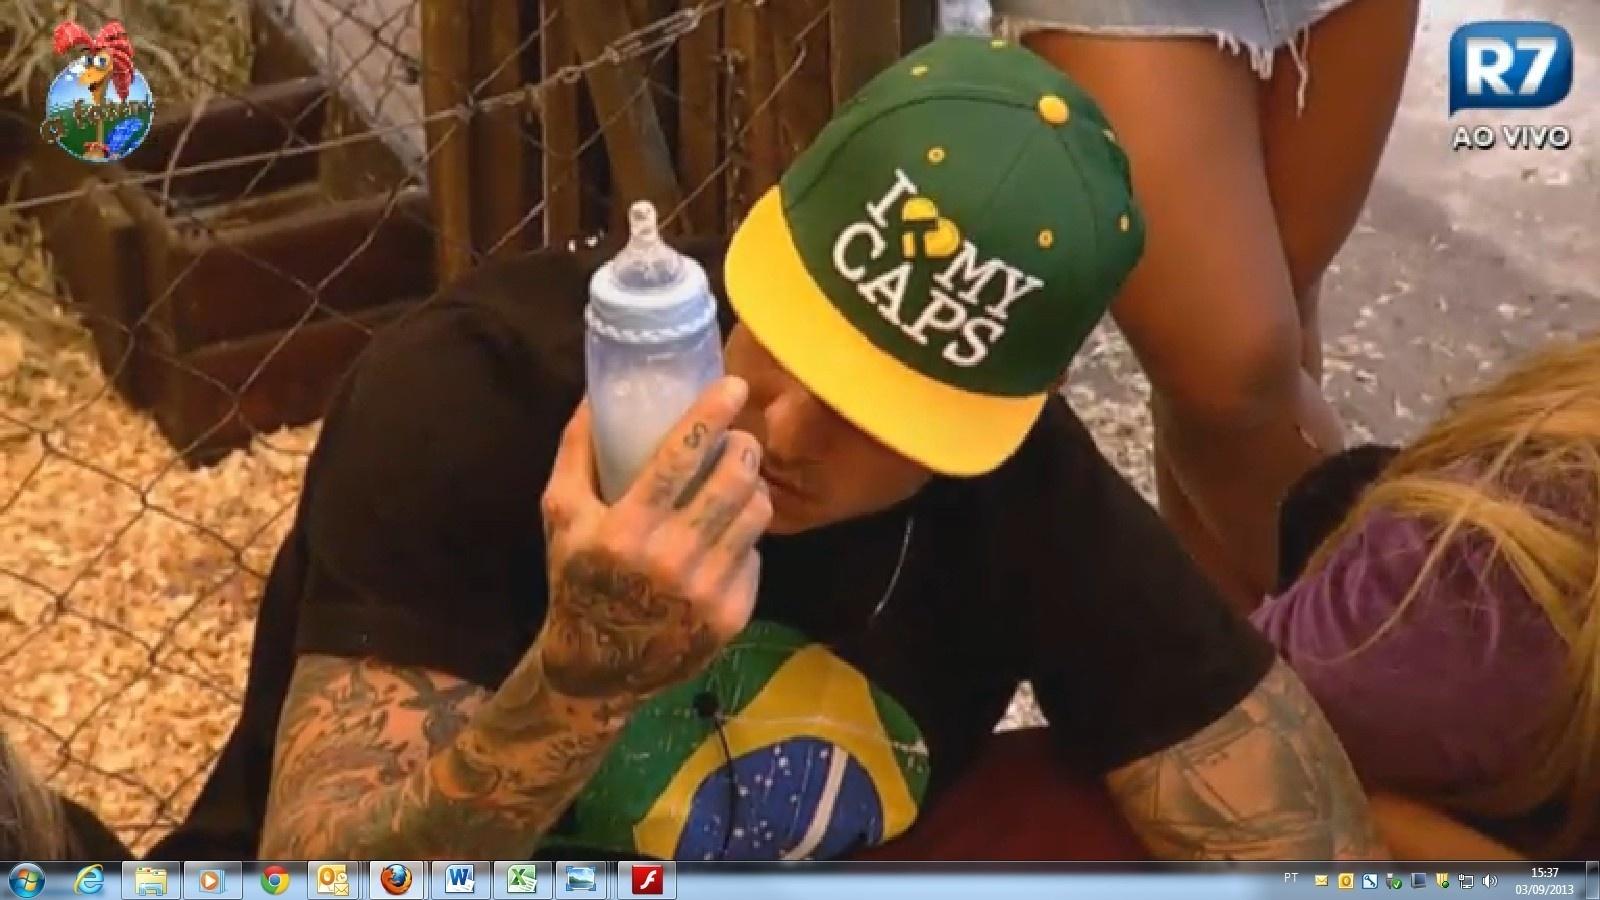 03.set.2013 - Mateus da mamadeira para cabritinhos recém-nascidos